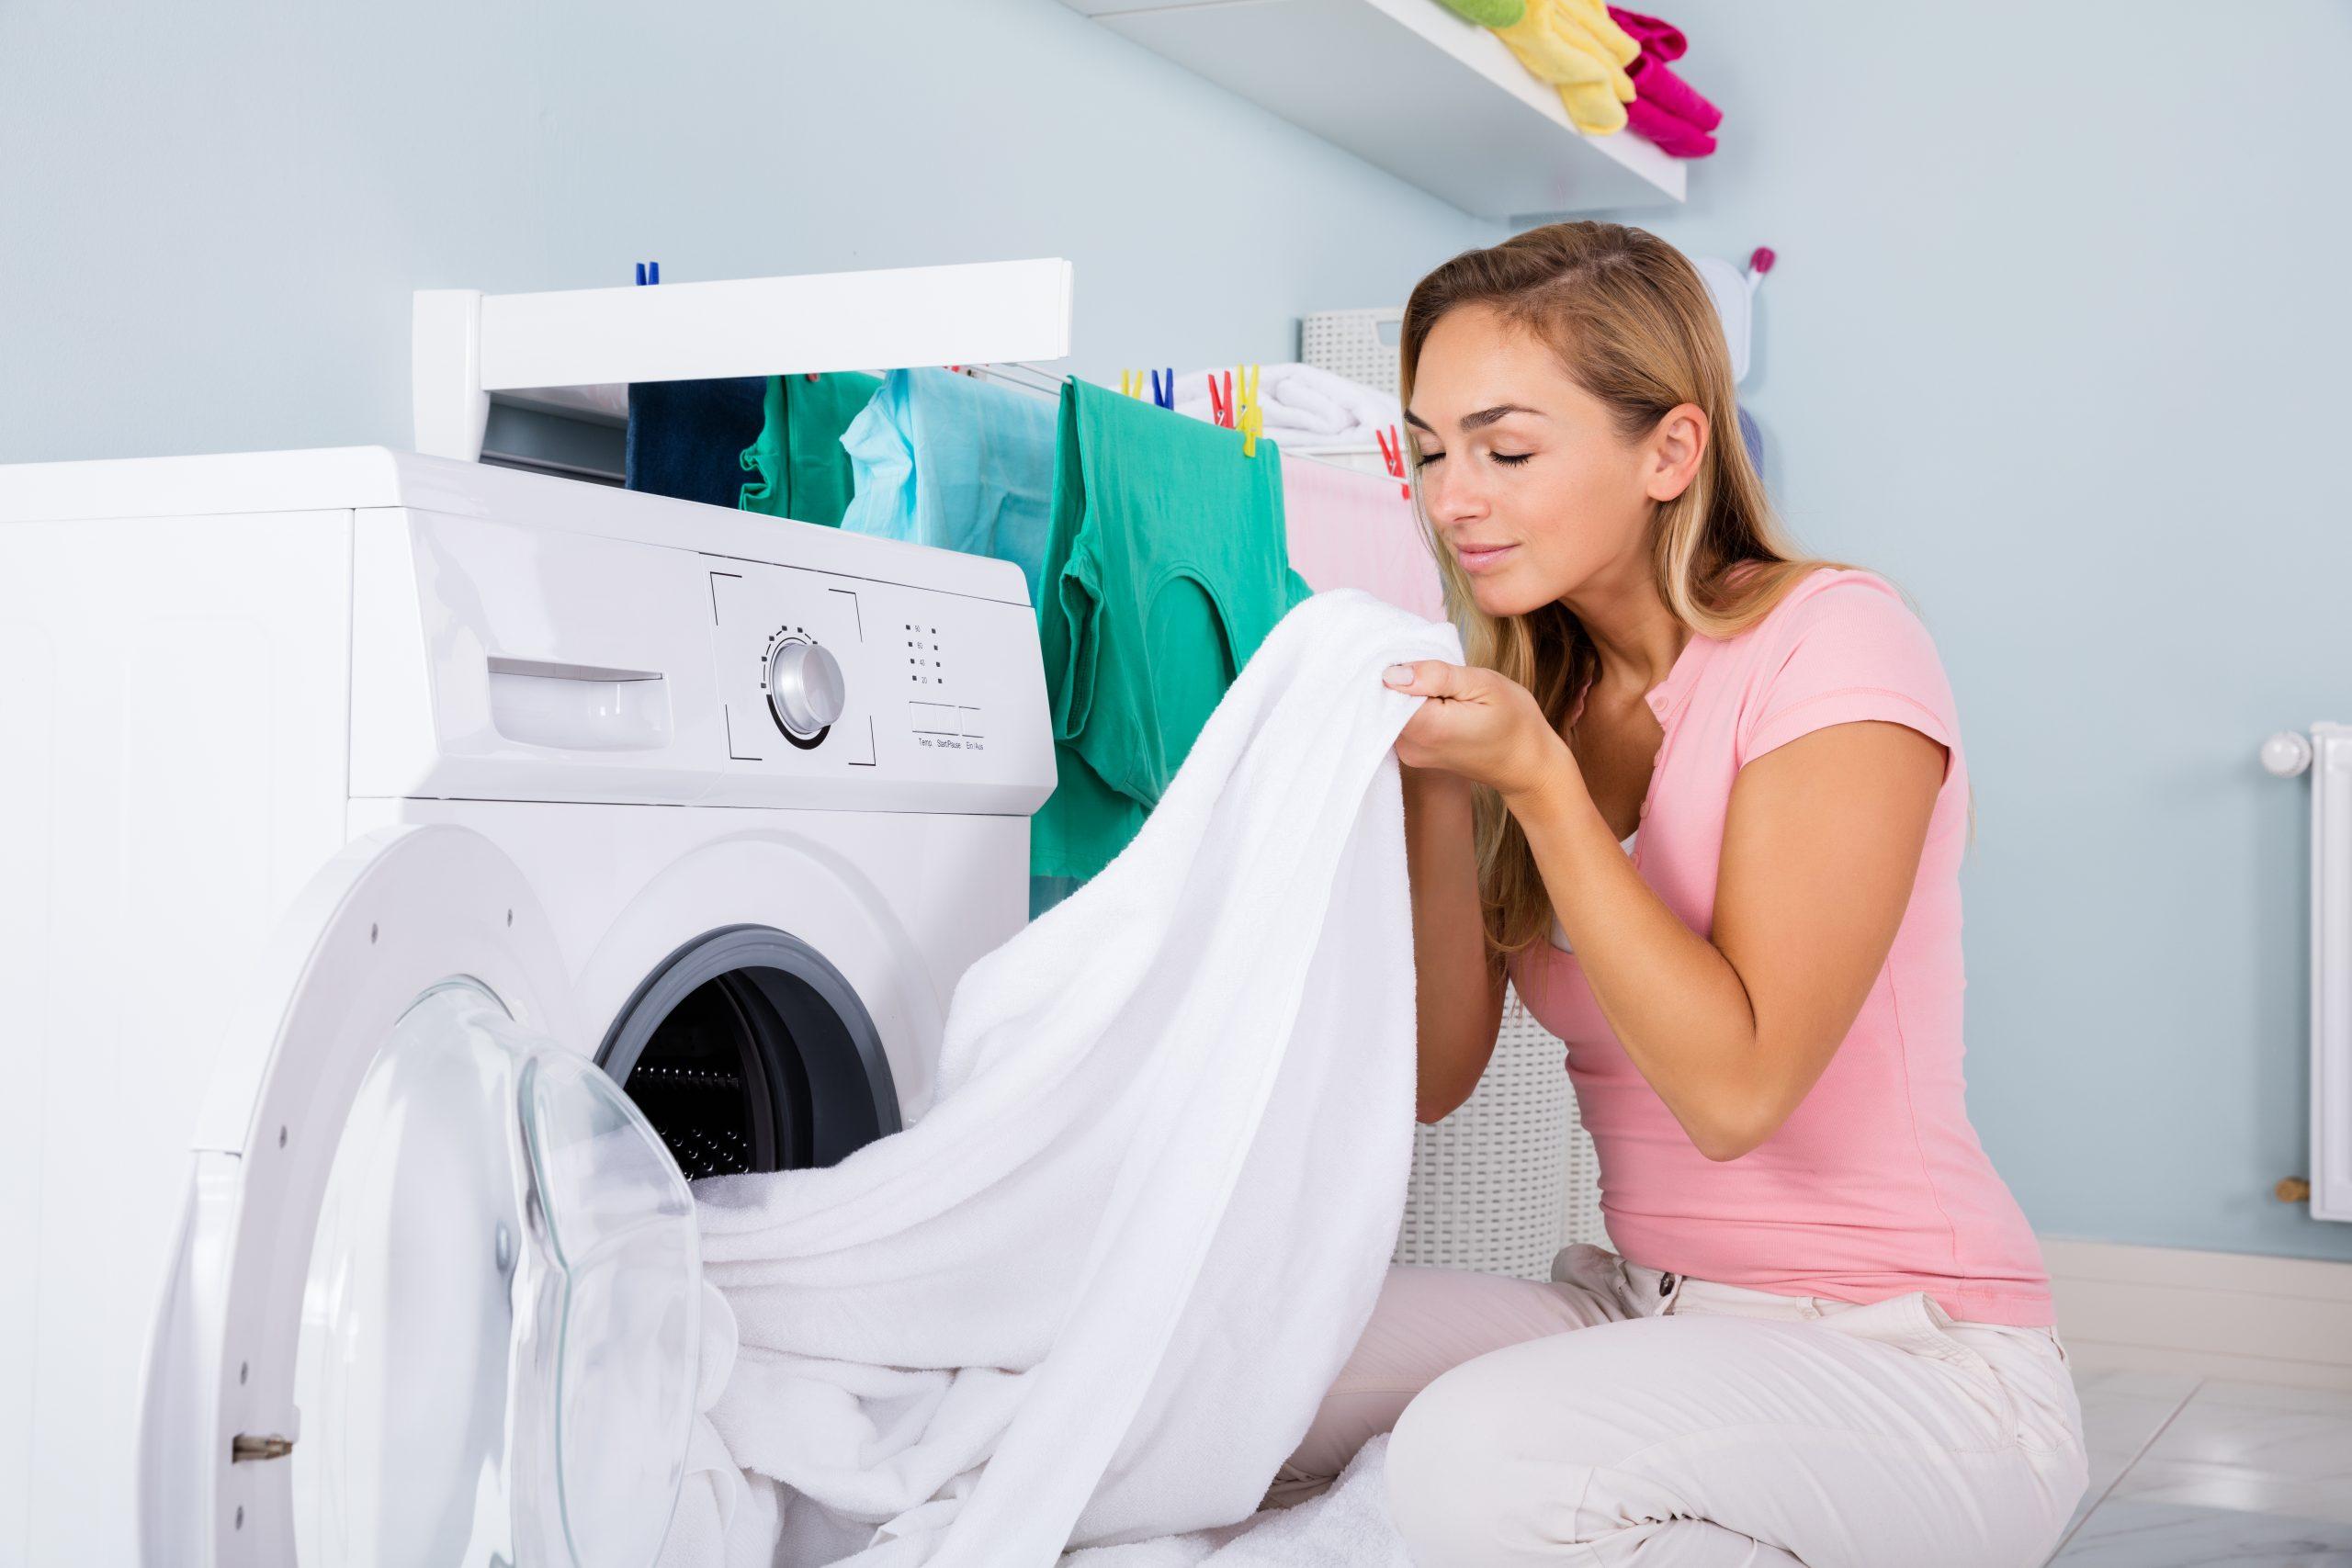 lavare le lenzuola in lavatrice